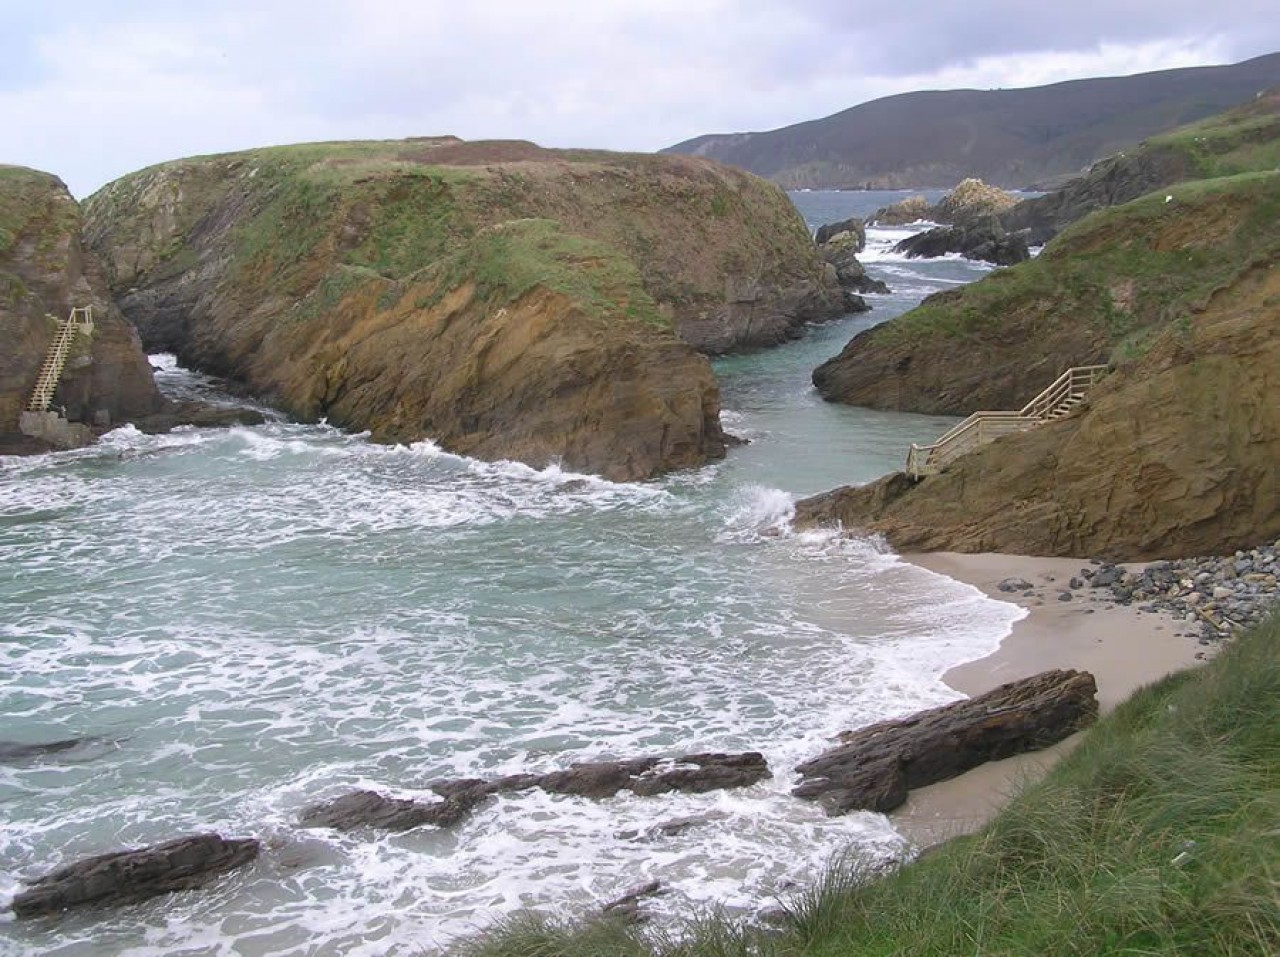 Acceso á ermida cortado pola marea alta